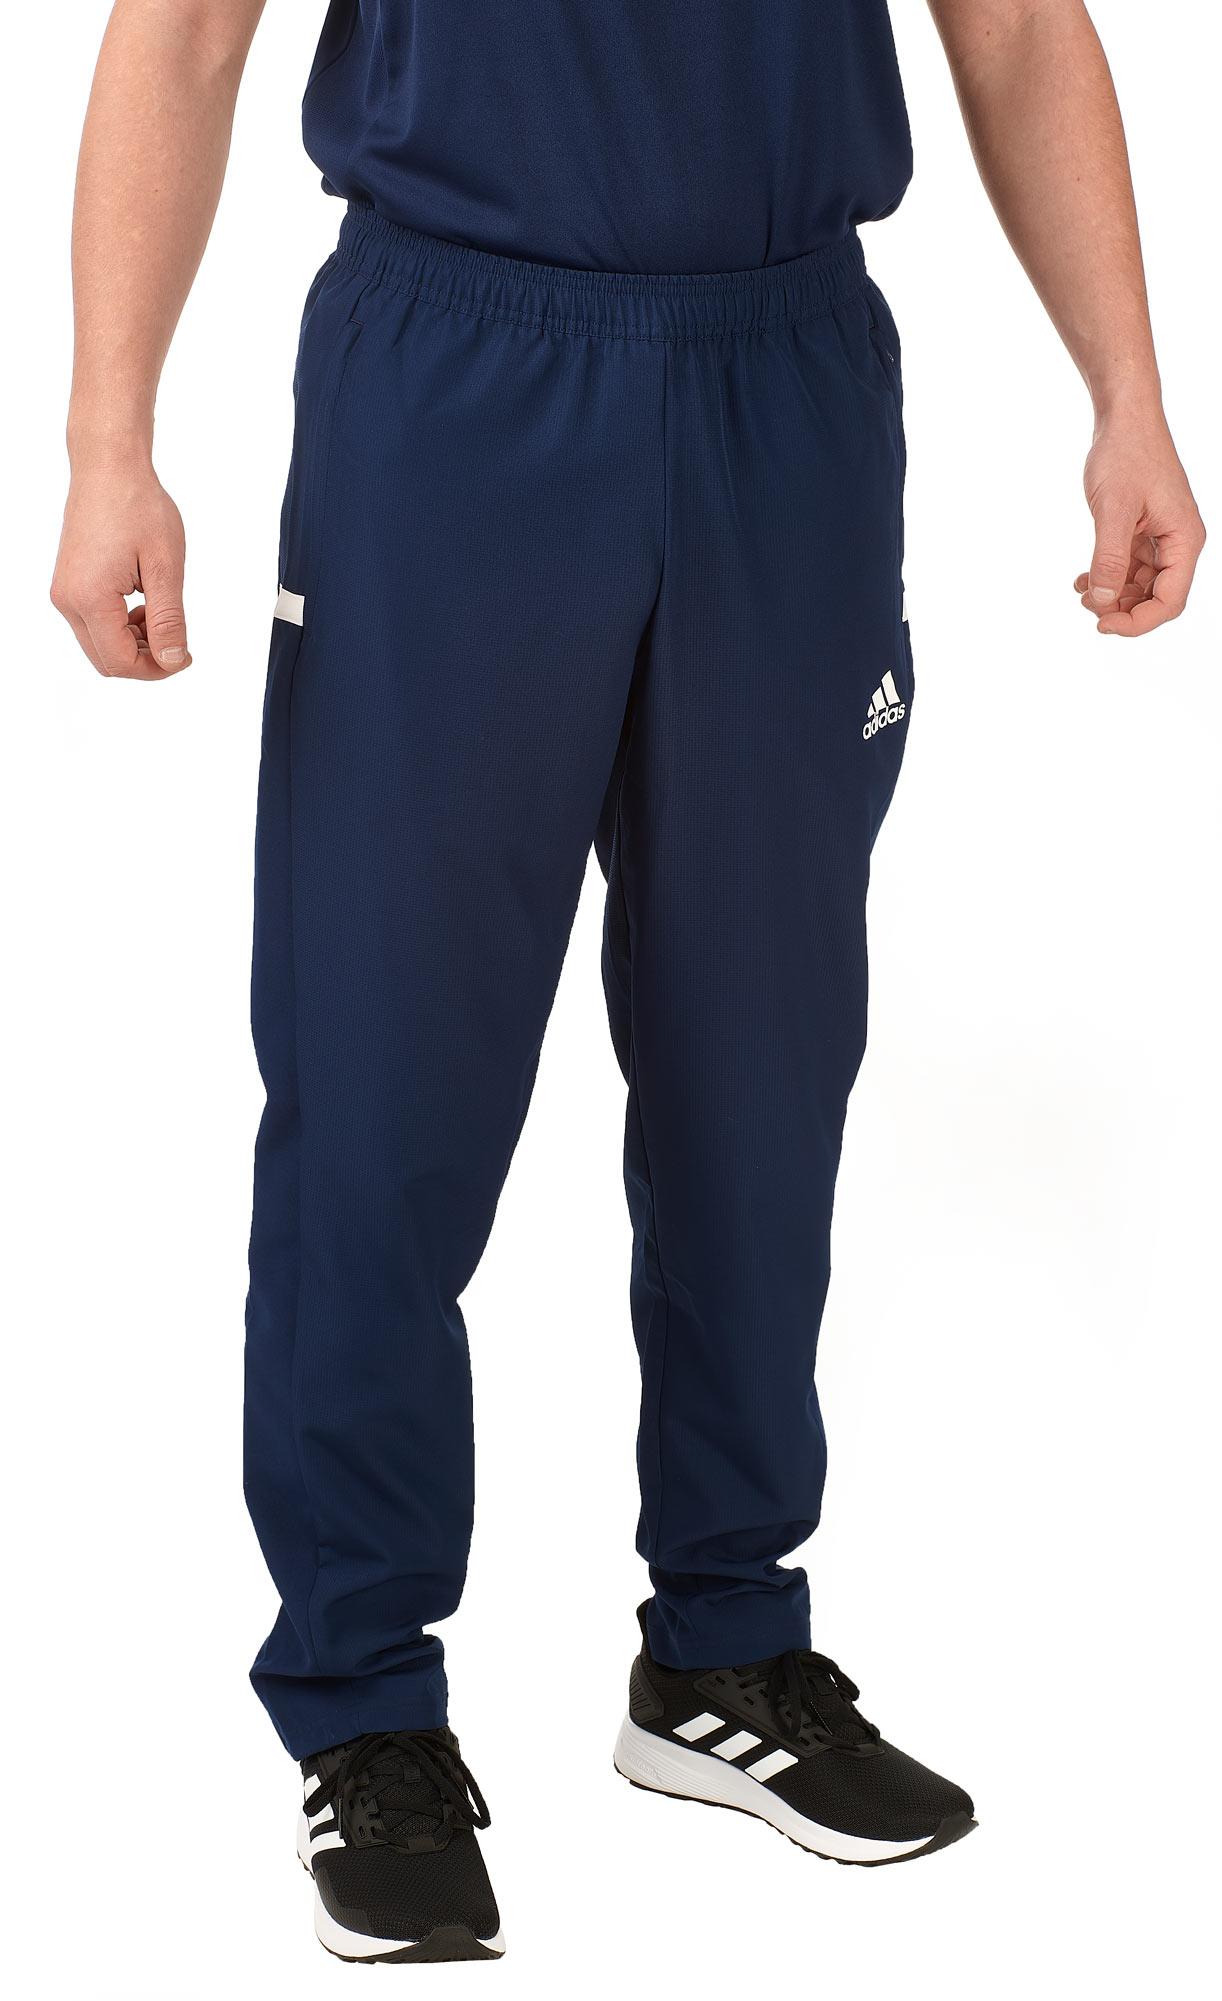 adidas T19 Woven Pants Männer blauweiß, DY8794